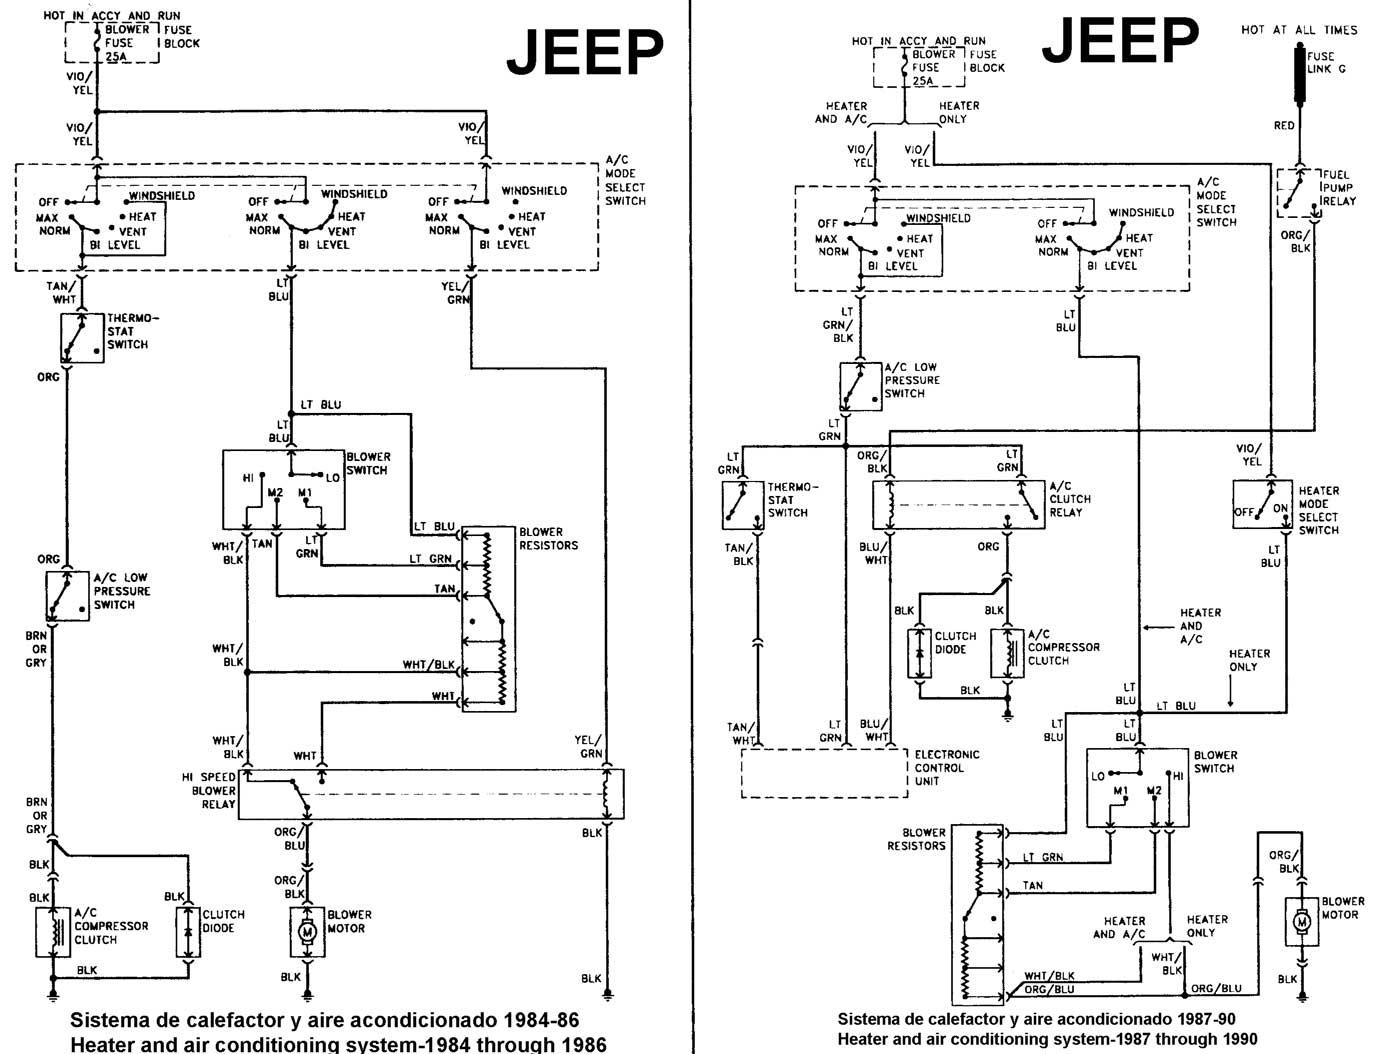 2012 jeep wrangler fuel filter change